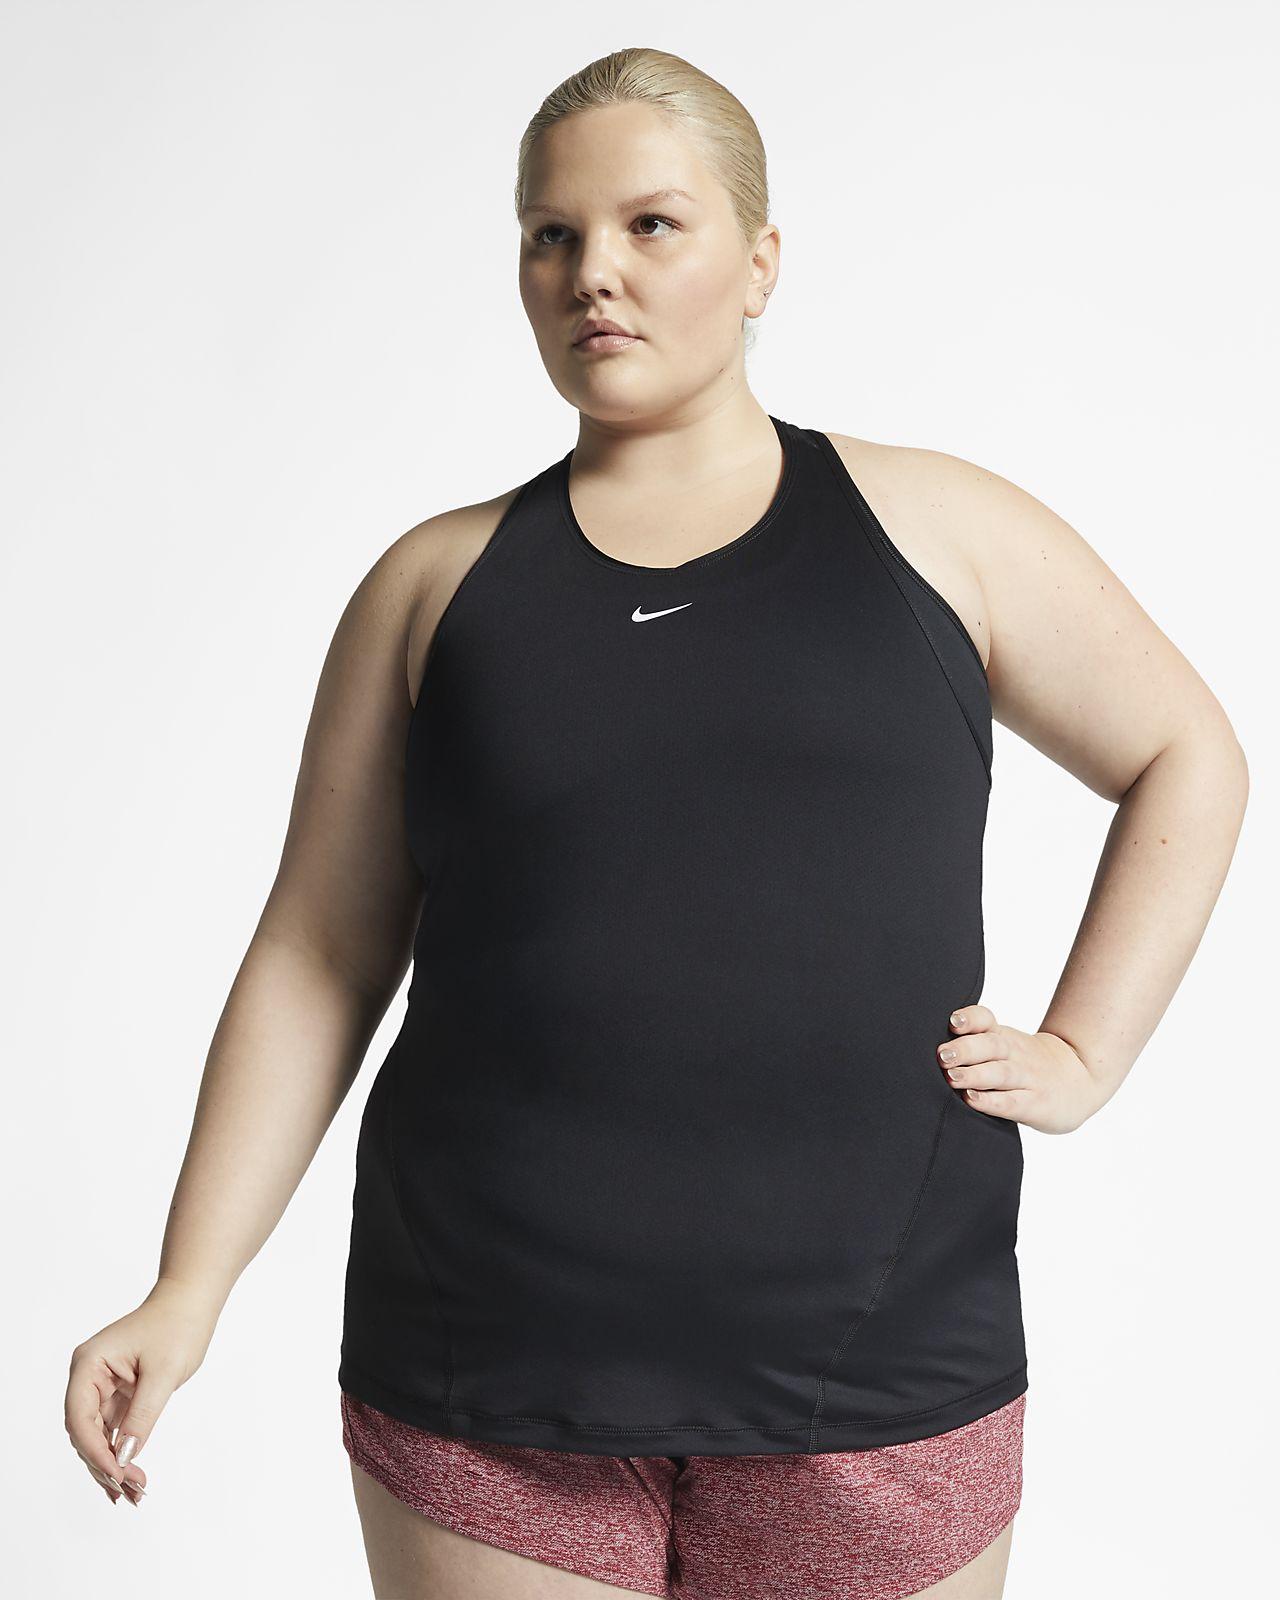 Damska koszulka bez rękawów z siateczki Nike Pro (duże rozmiary)